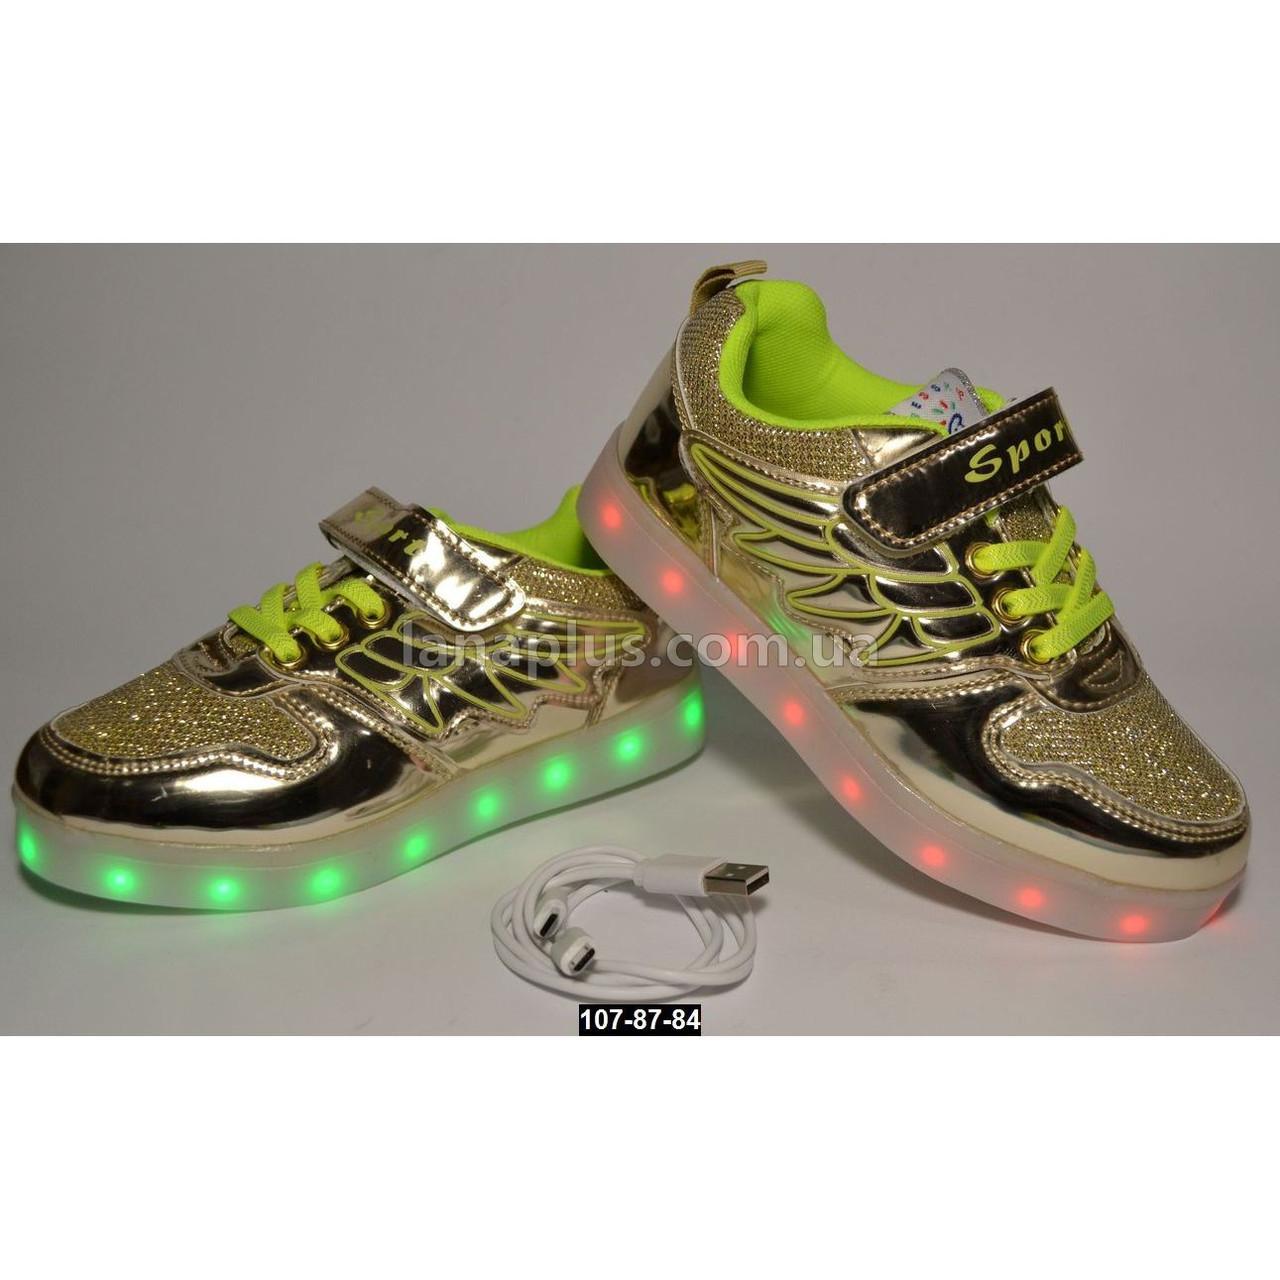 Золотые светящиеся кроссовки, USB, 29 размер (18.5 см), 11 режимов LED подсветки, супинатор